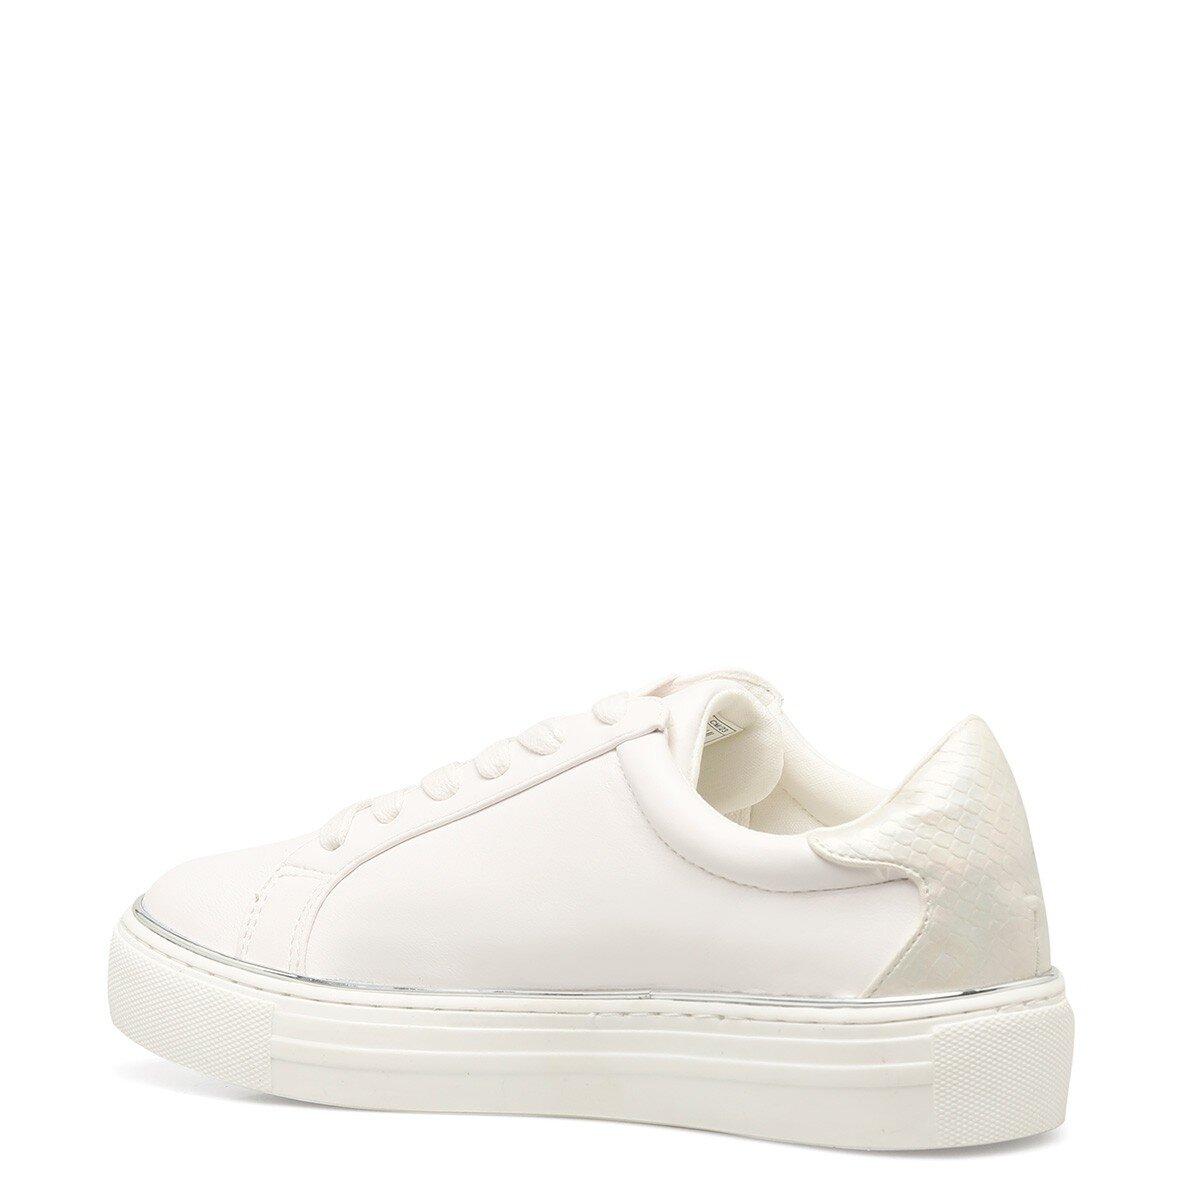 PATERSON 1FX Gümüş Kadın Sneaker Ayakkabı